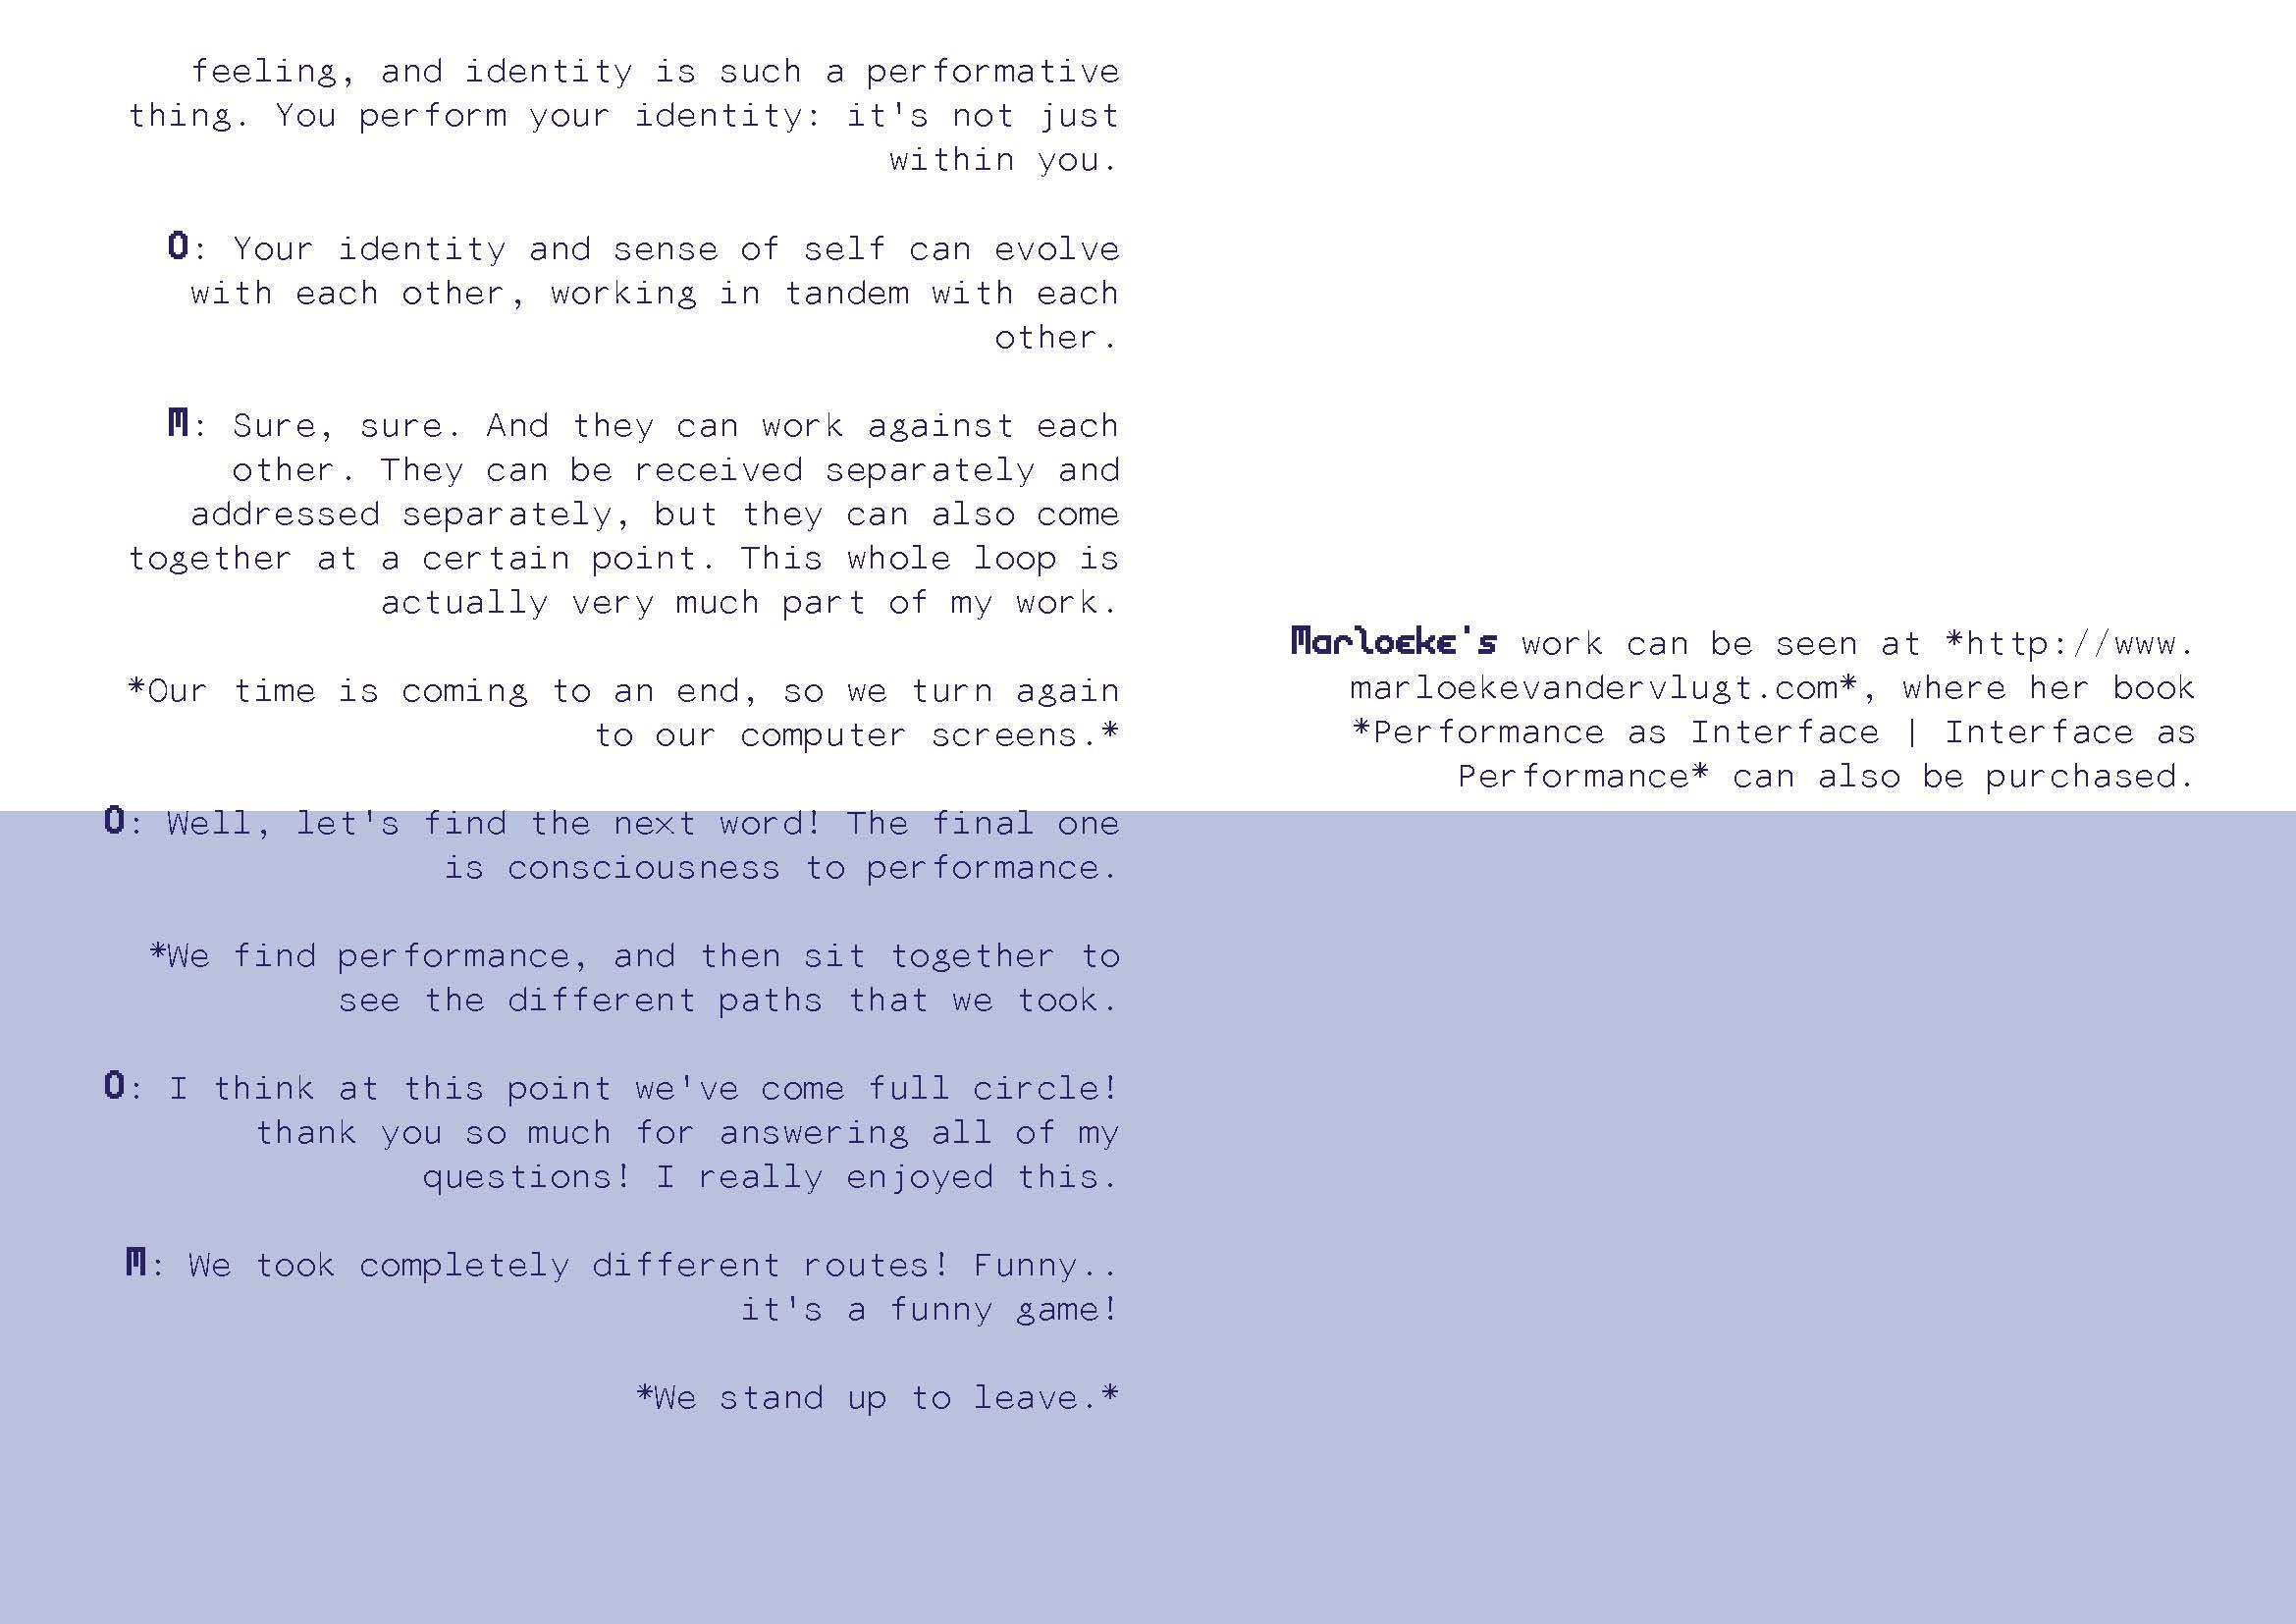 marloeke_Page_7.jpg